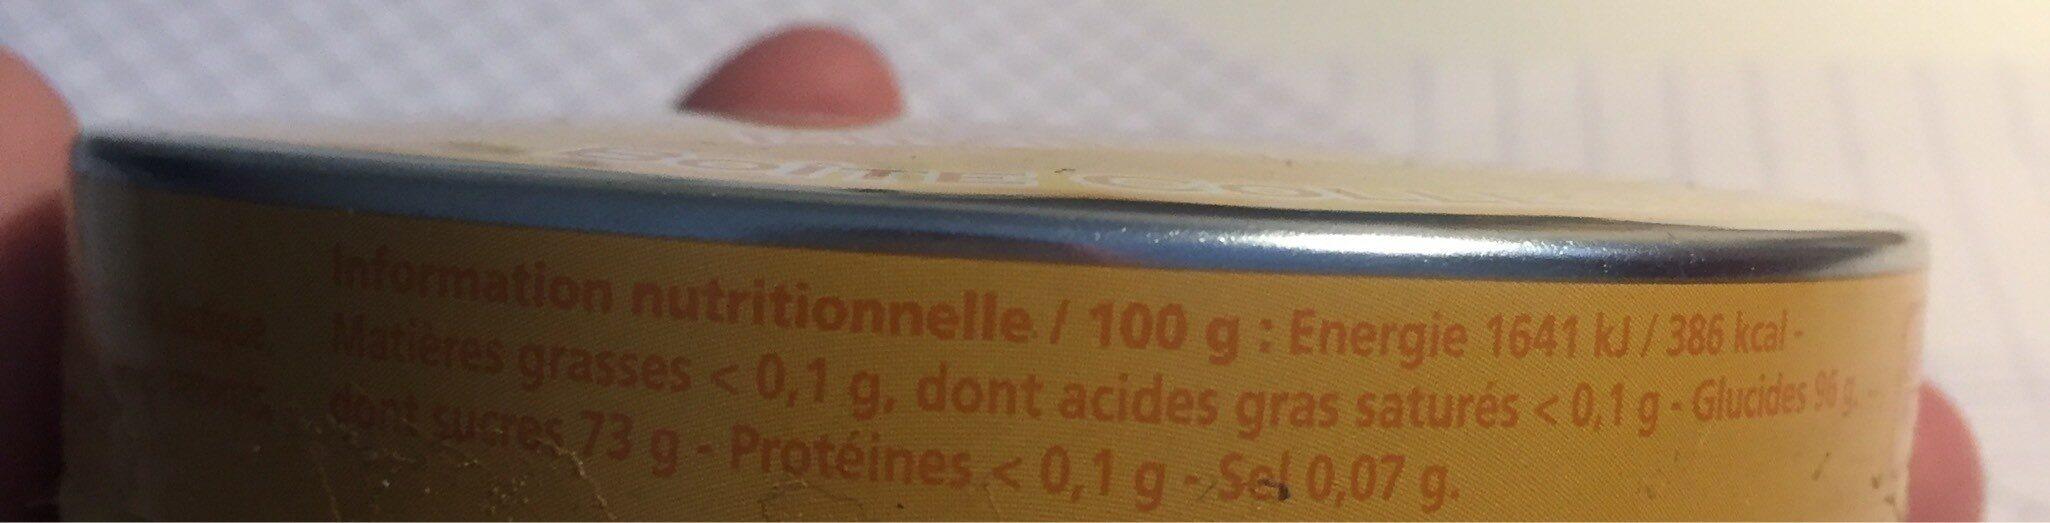 Bonbons Parfum Miel Citron - Informations nutritionnelles - fr